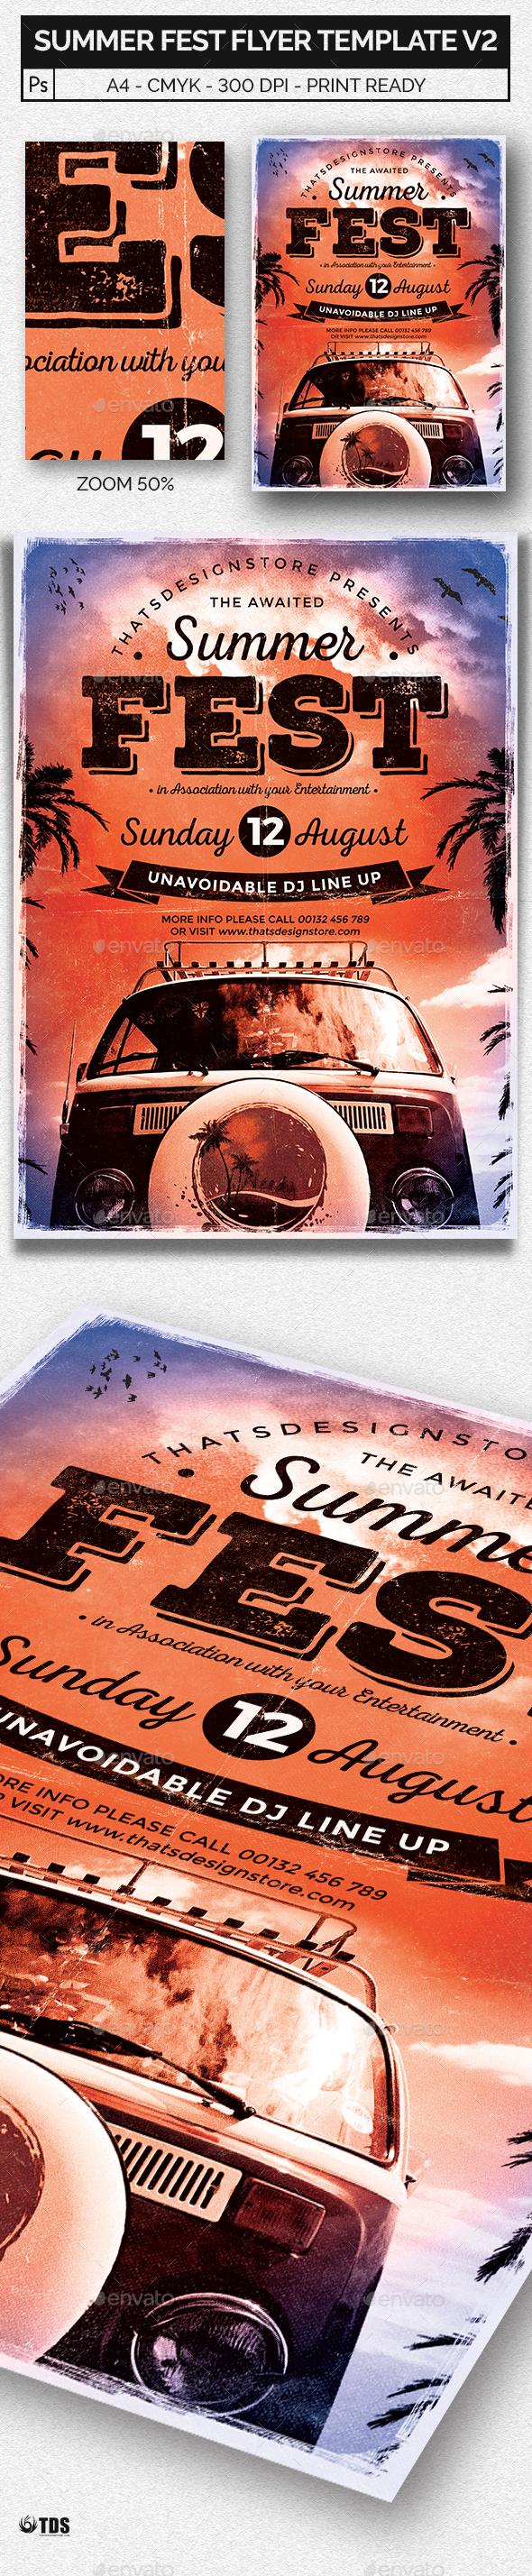 Summer Fest Flyer Template V2